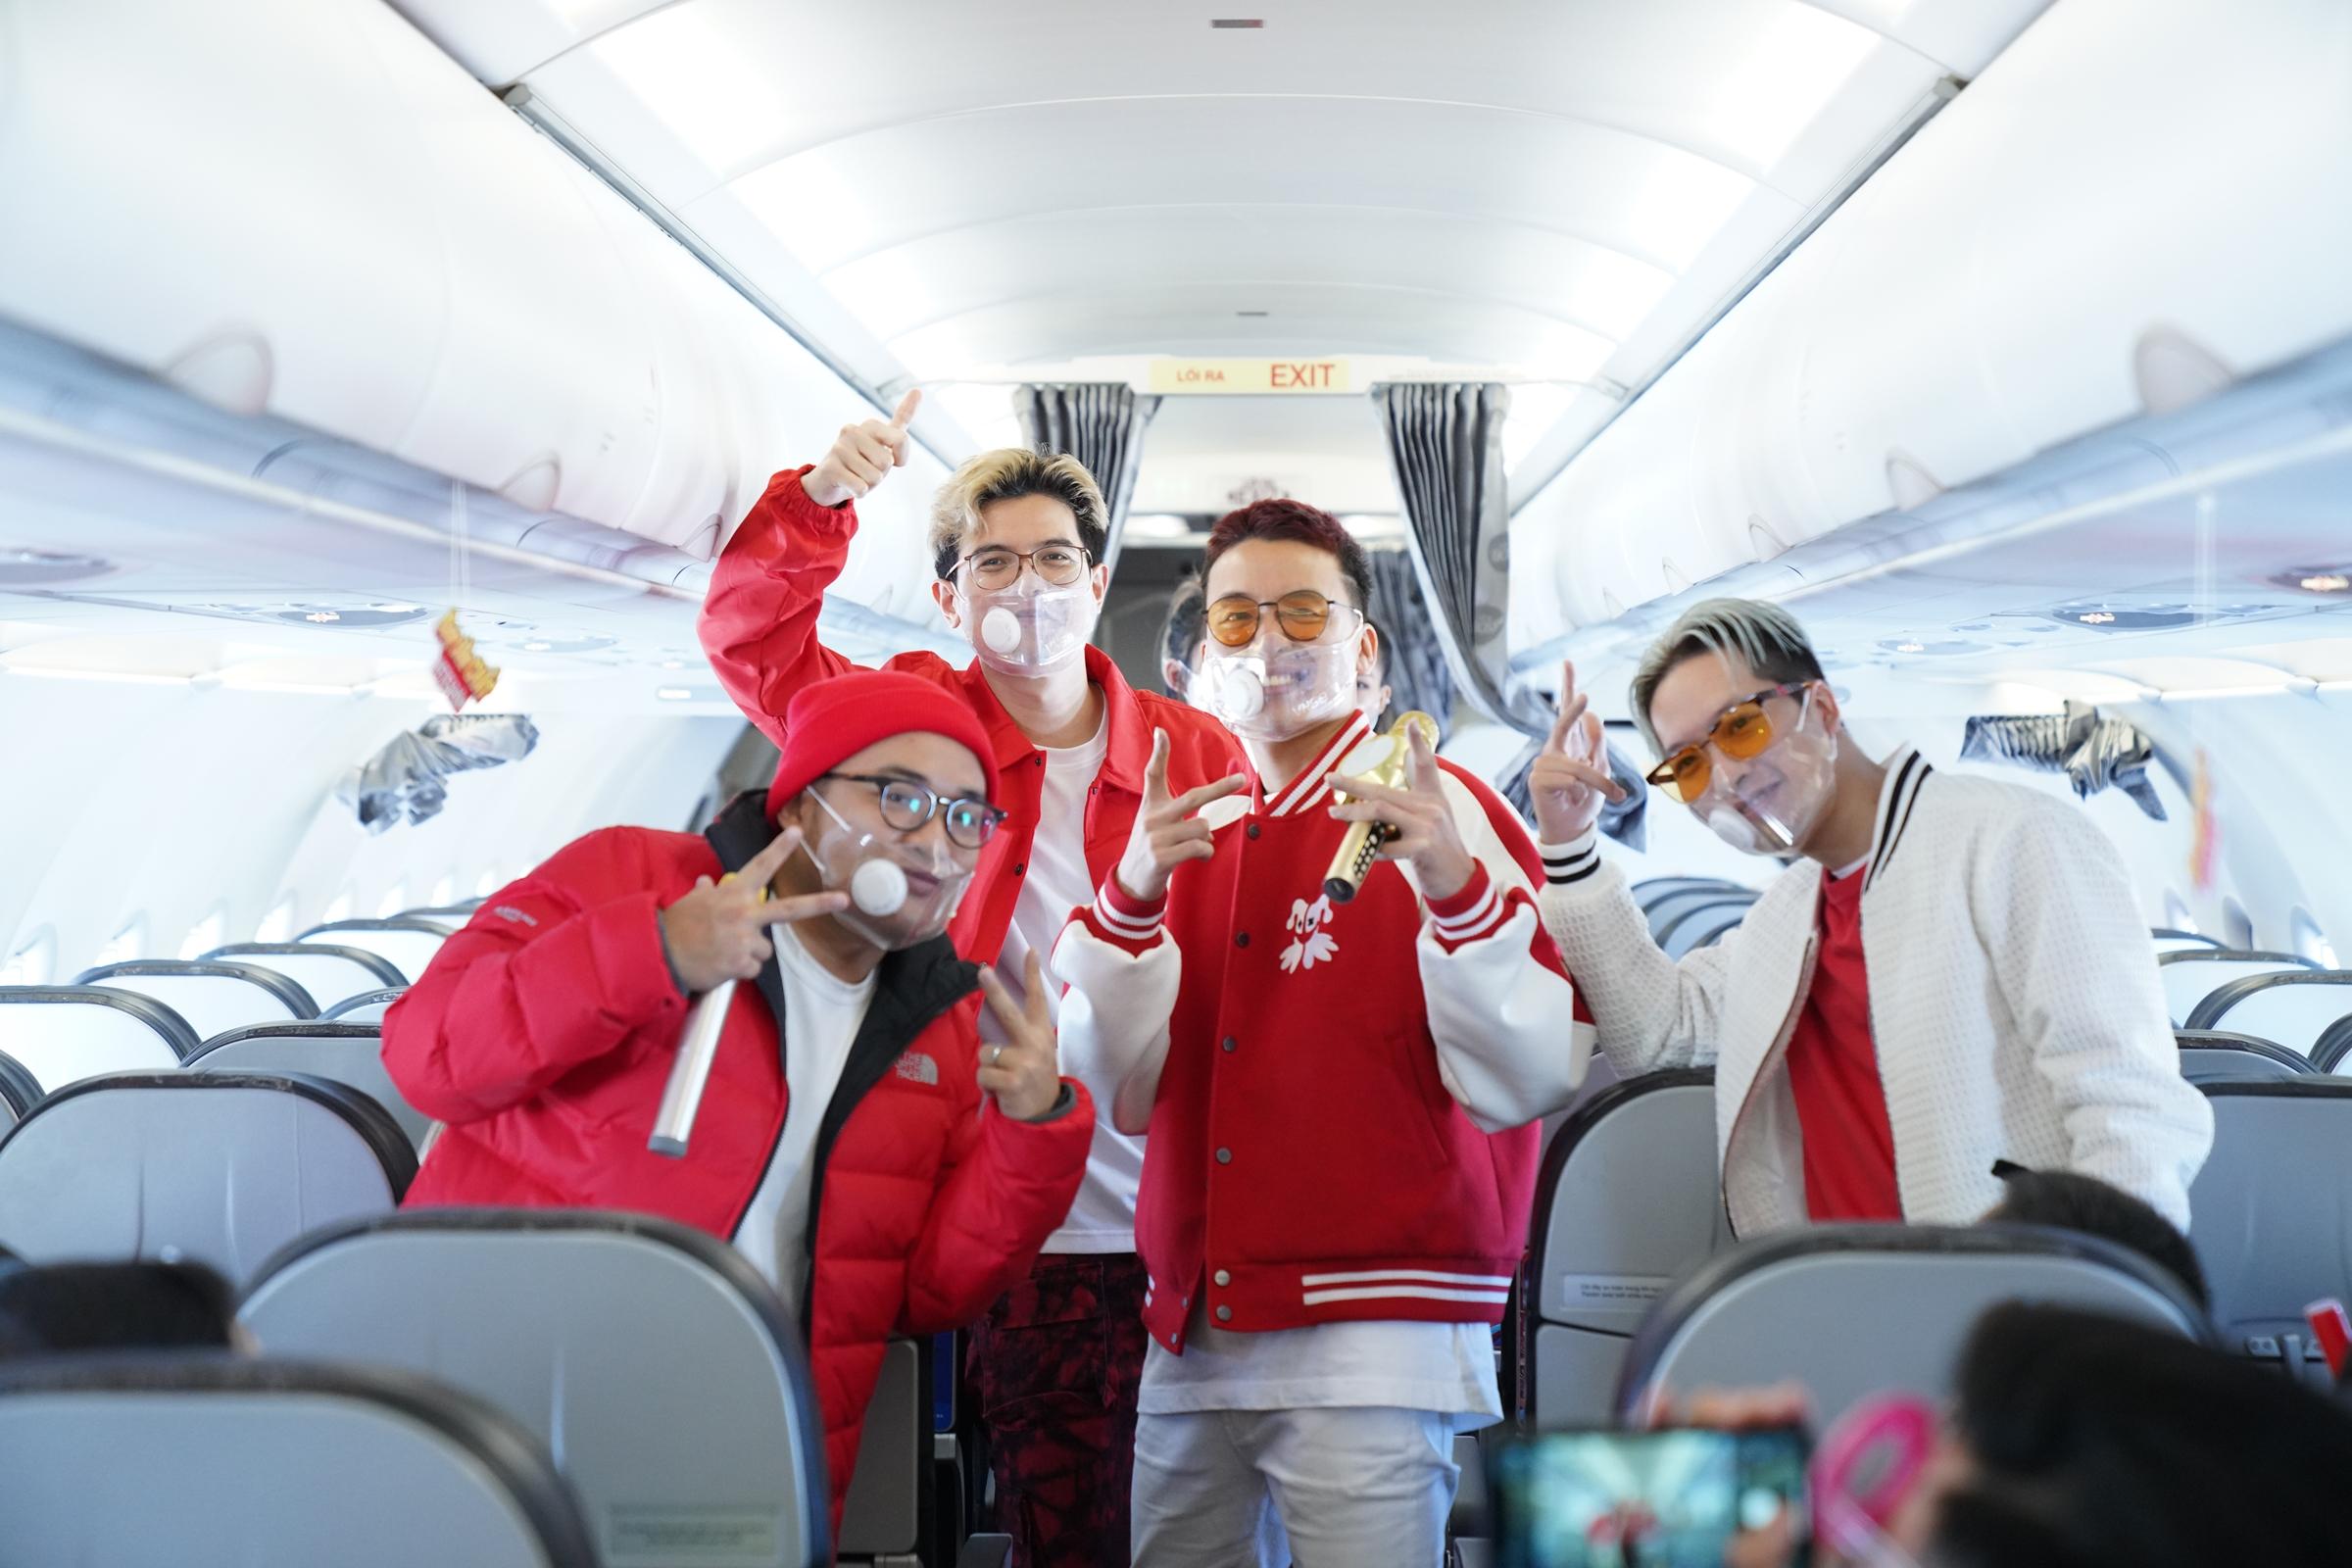 MV Có hẹn với bầu trời ra mắt 20h ngày 27/1, thu hút sự quan tâm của khán giả nói chung và người yêu nhạc Da LAB nói riêng.